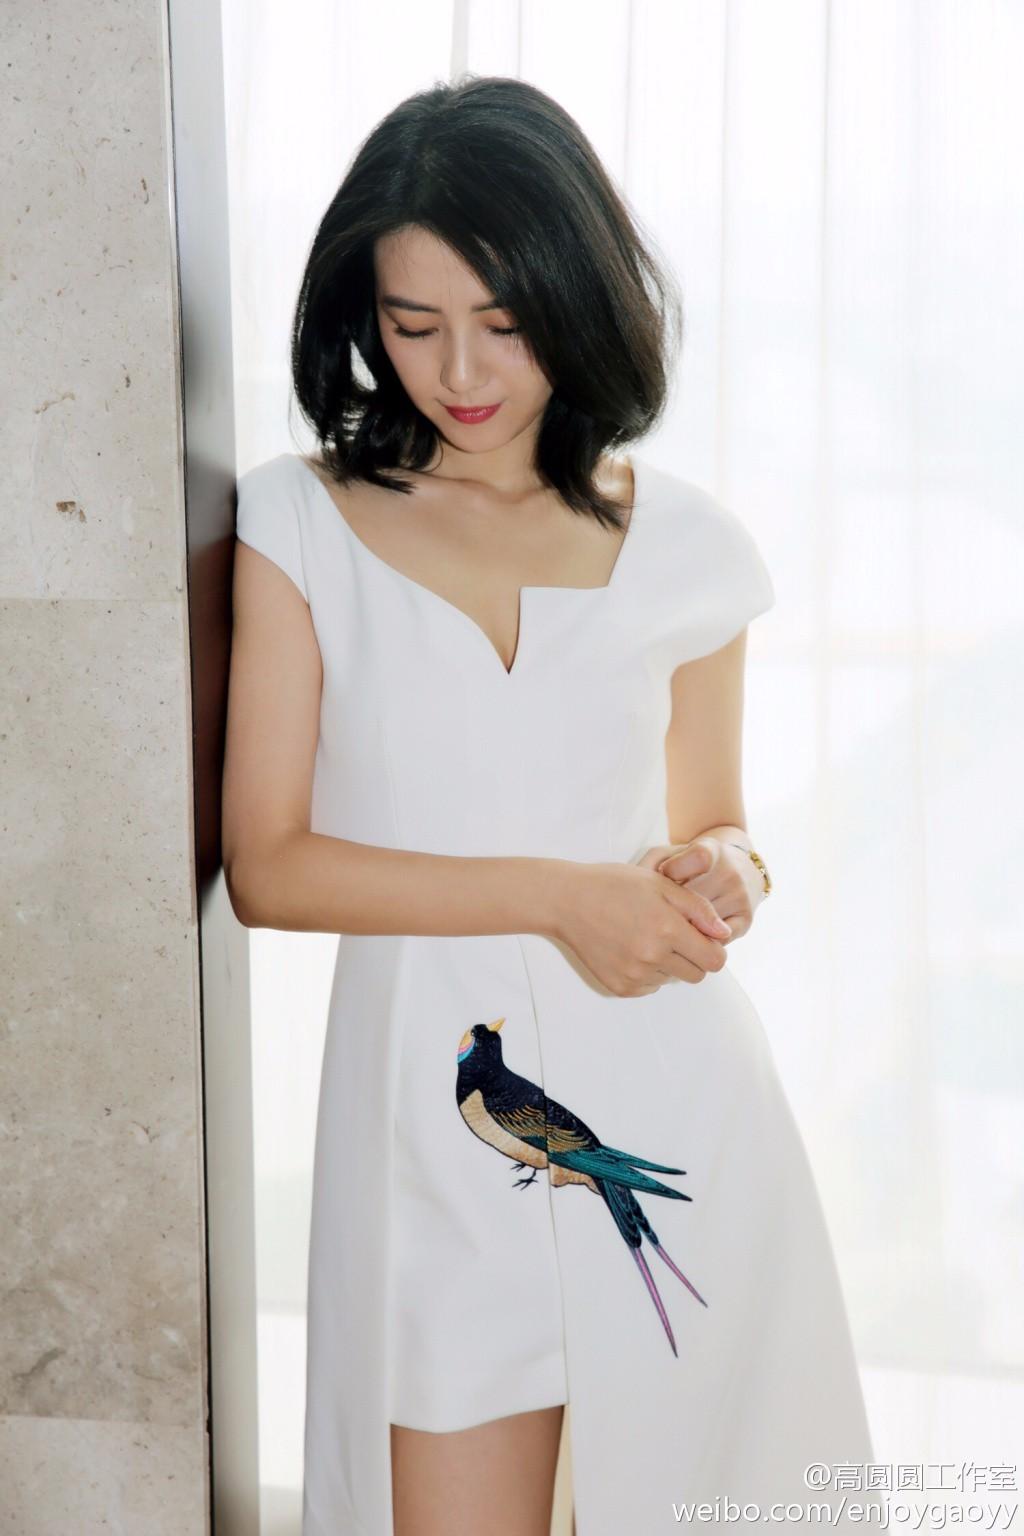 【网络】高圆圆白裙素雅清新 修长美腿超级抢镜 - 张艺之 - 张艺之的博客